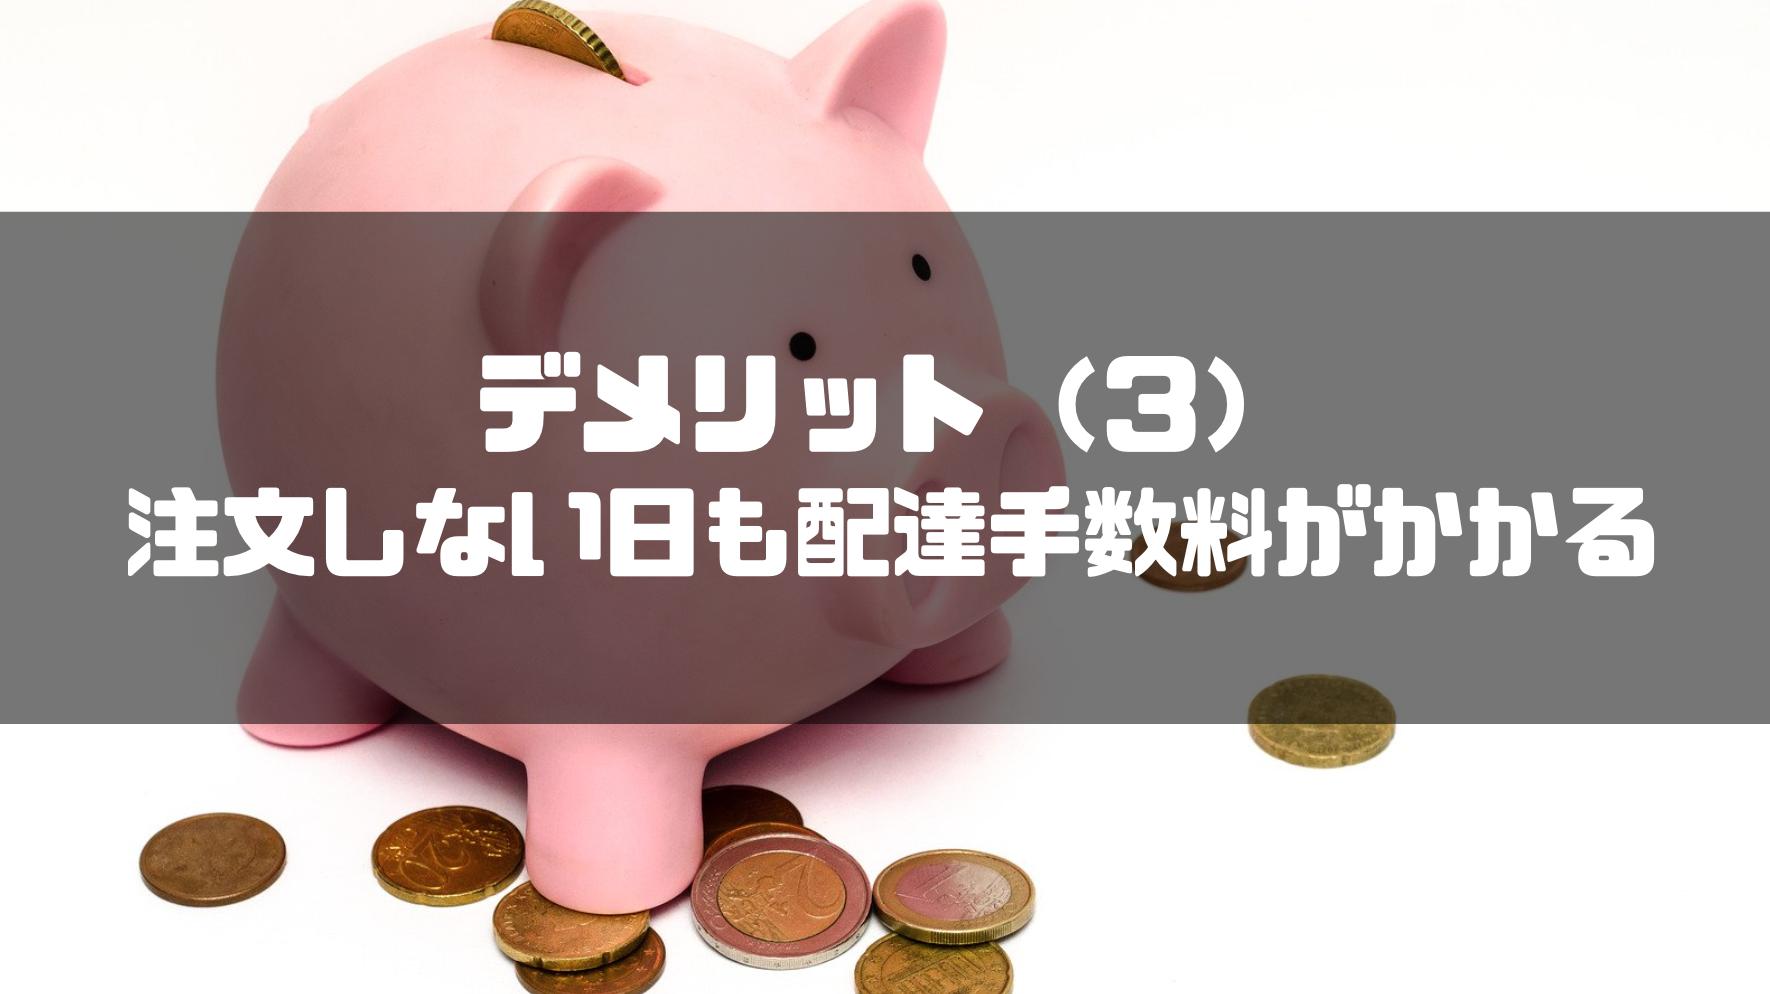 パルシステム_評判_デメリット_配達手数料